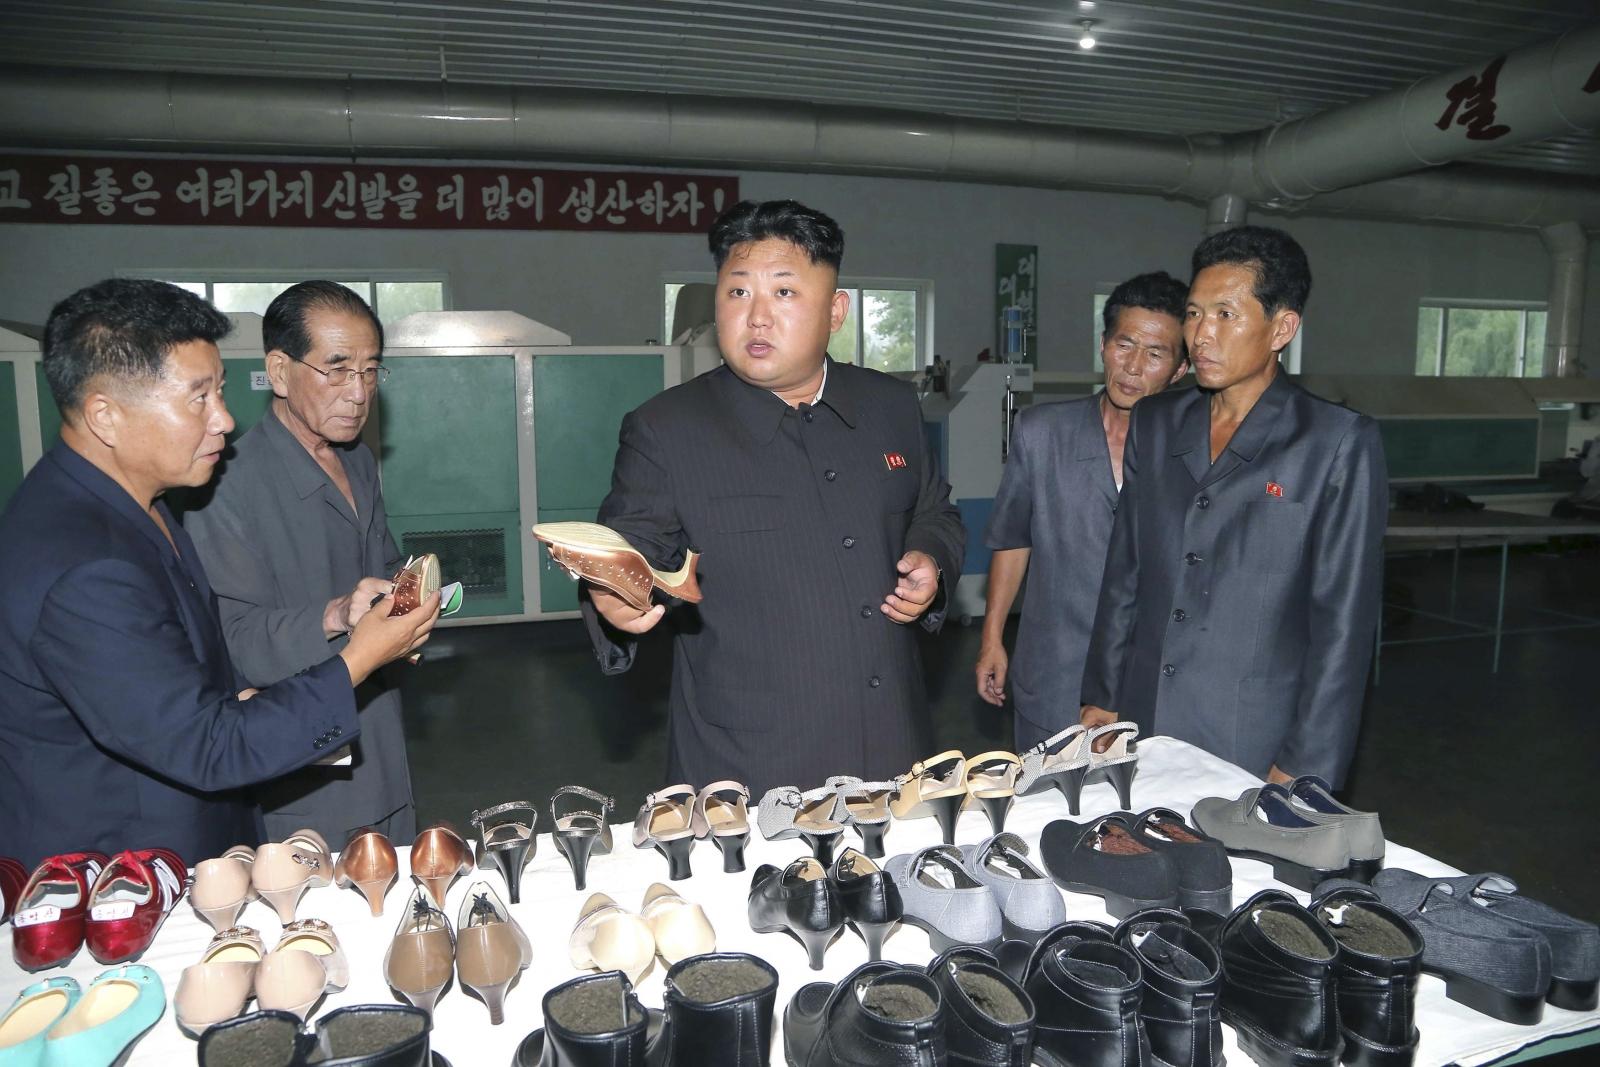 Kim Jong Un at the Wonsan Shoe Factory